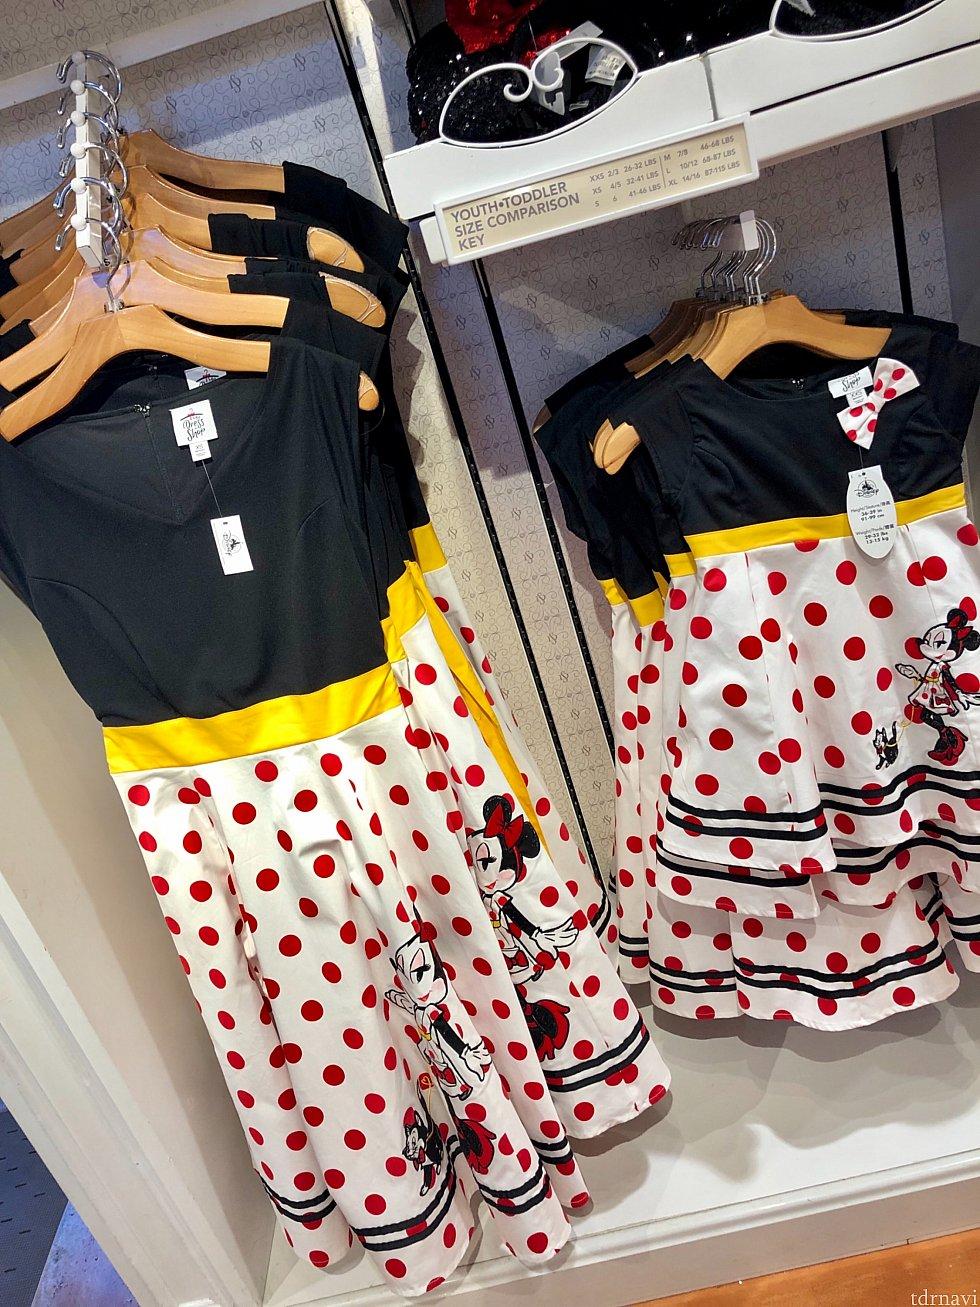 ミニーちゃんのドレスは子供用もあるので、親子でおソロが出来るんですね〜。親子でダッパー良いですね!$108